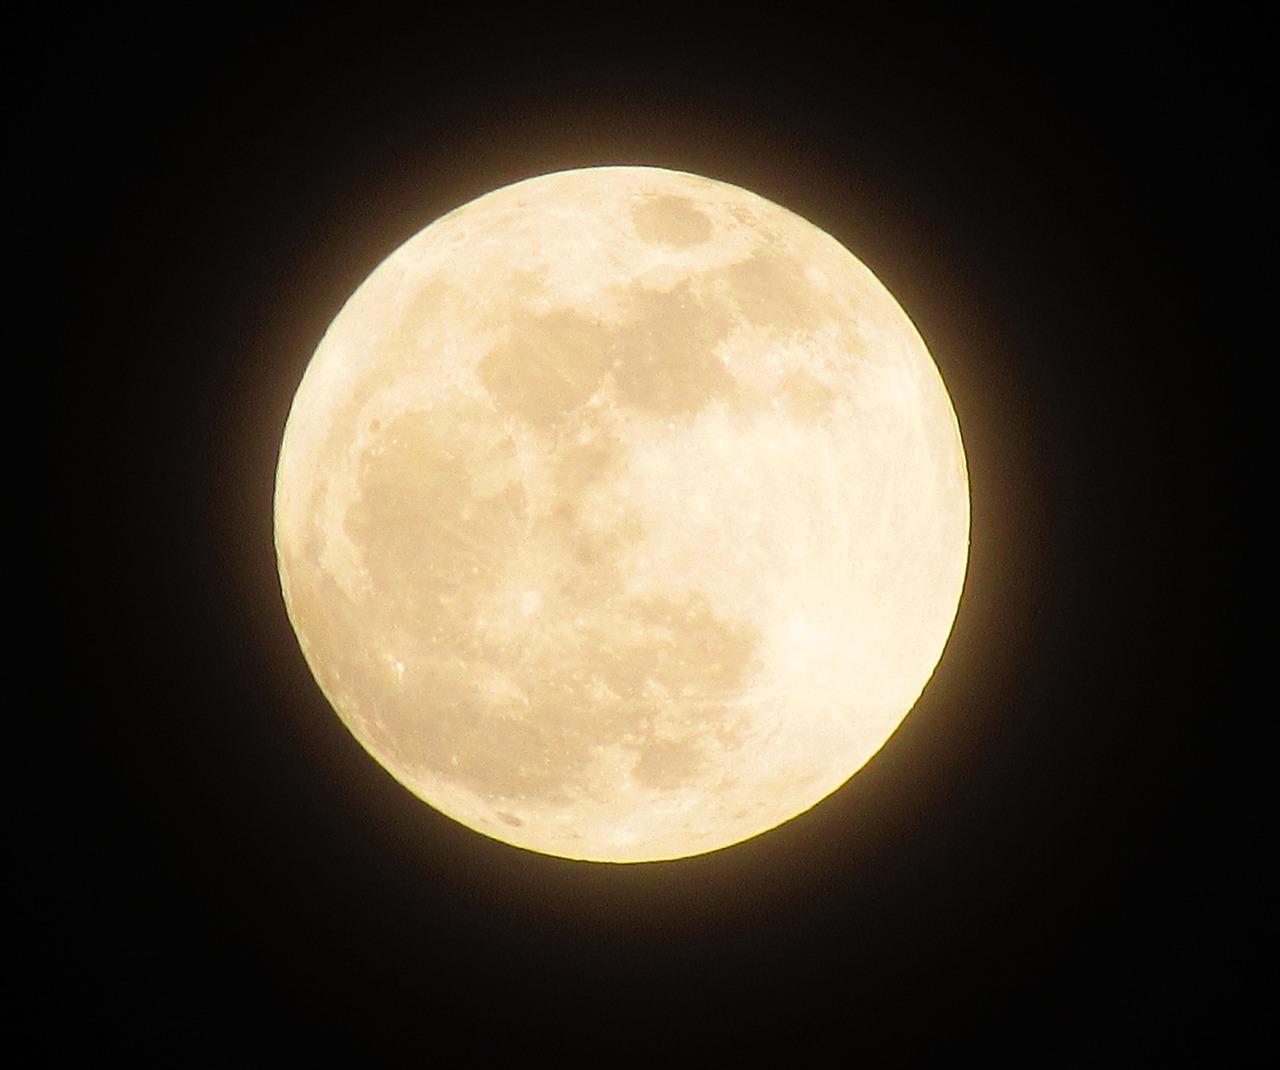 【7月の瞑想会〜13日新月/28日満月】願いを叶える瞑想会